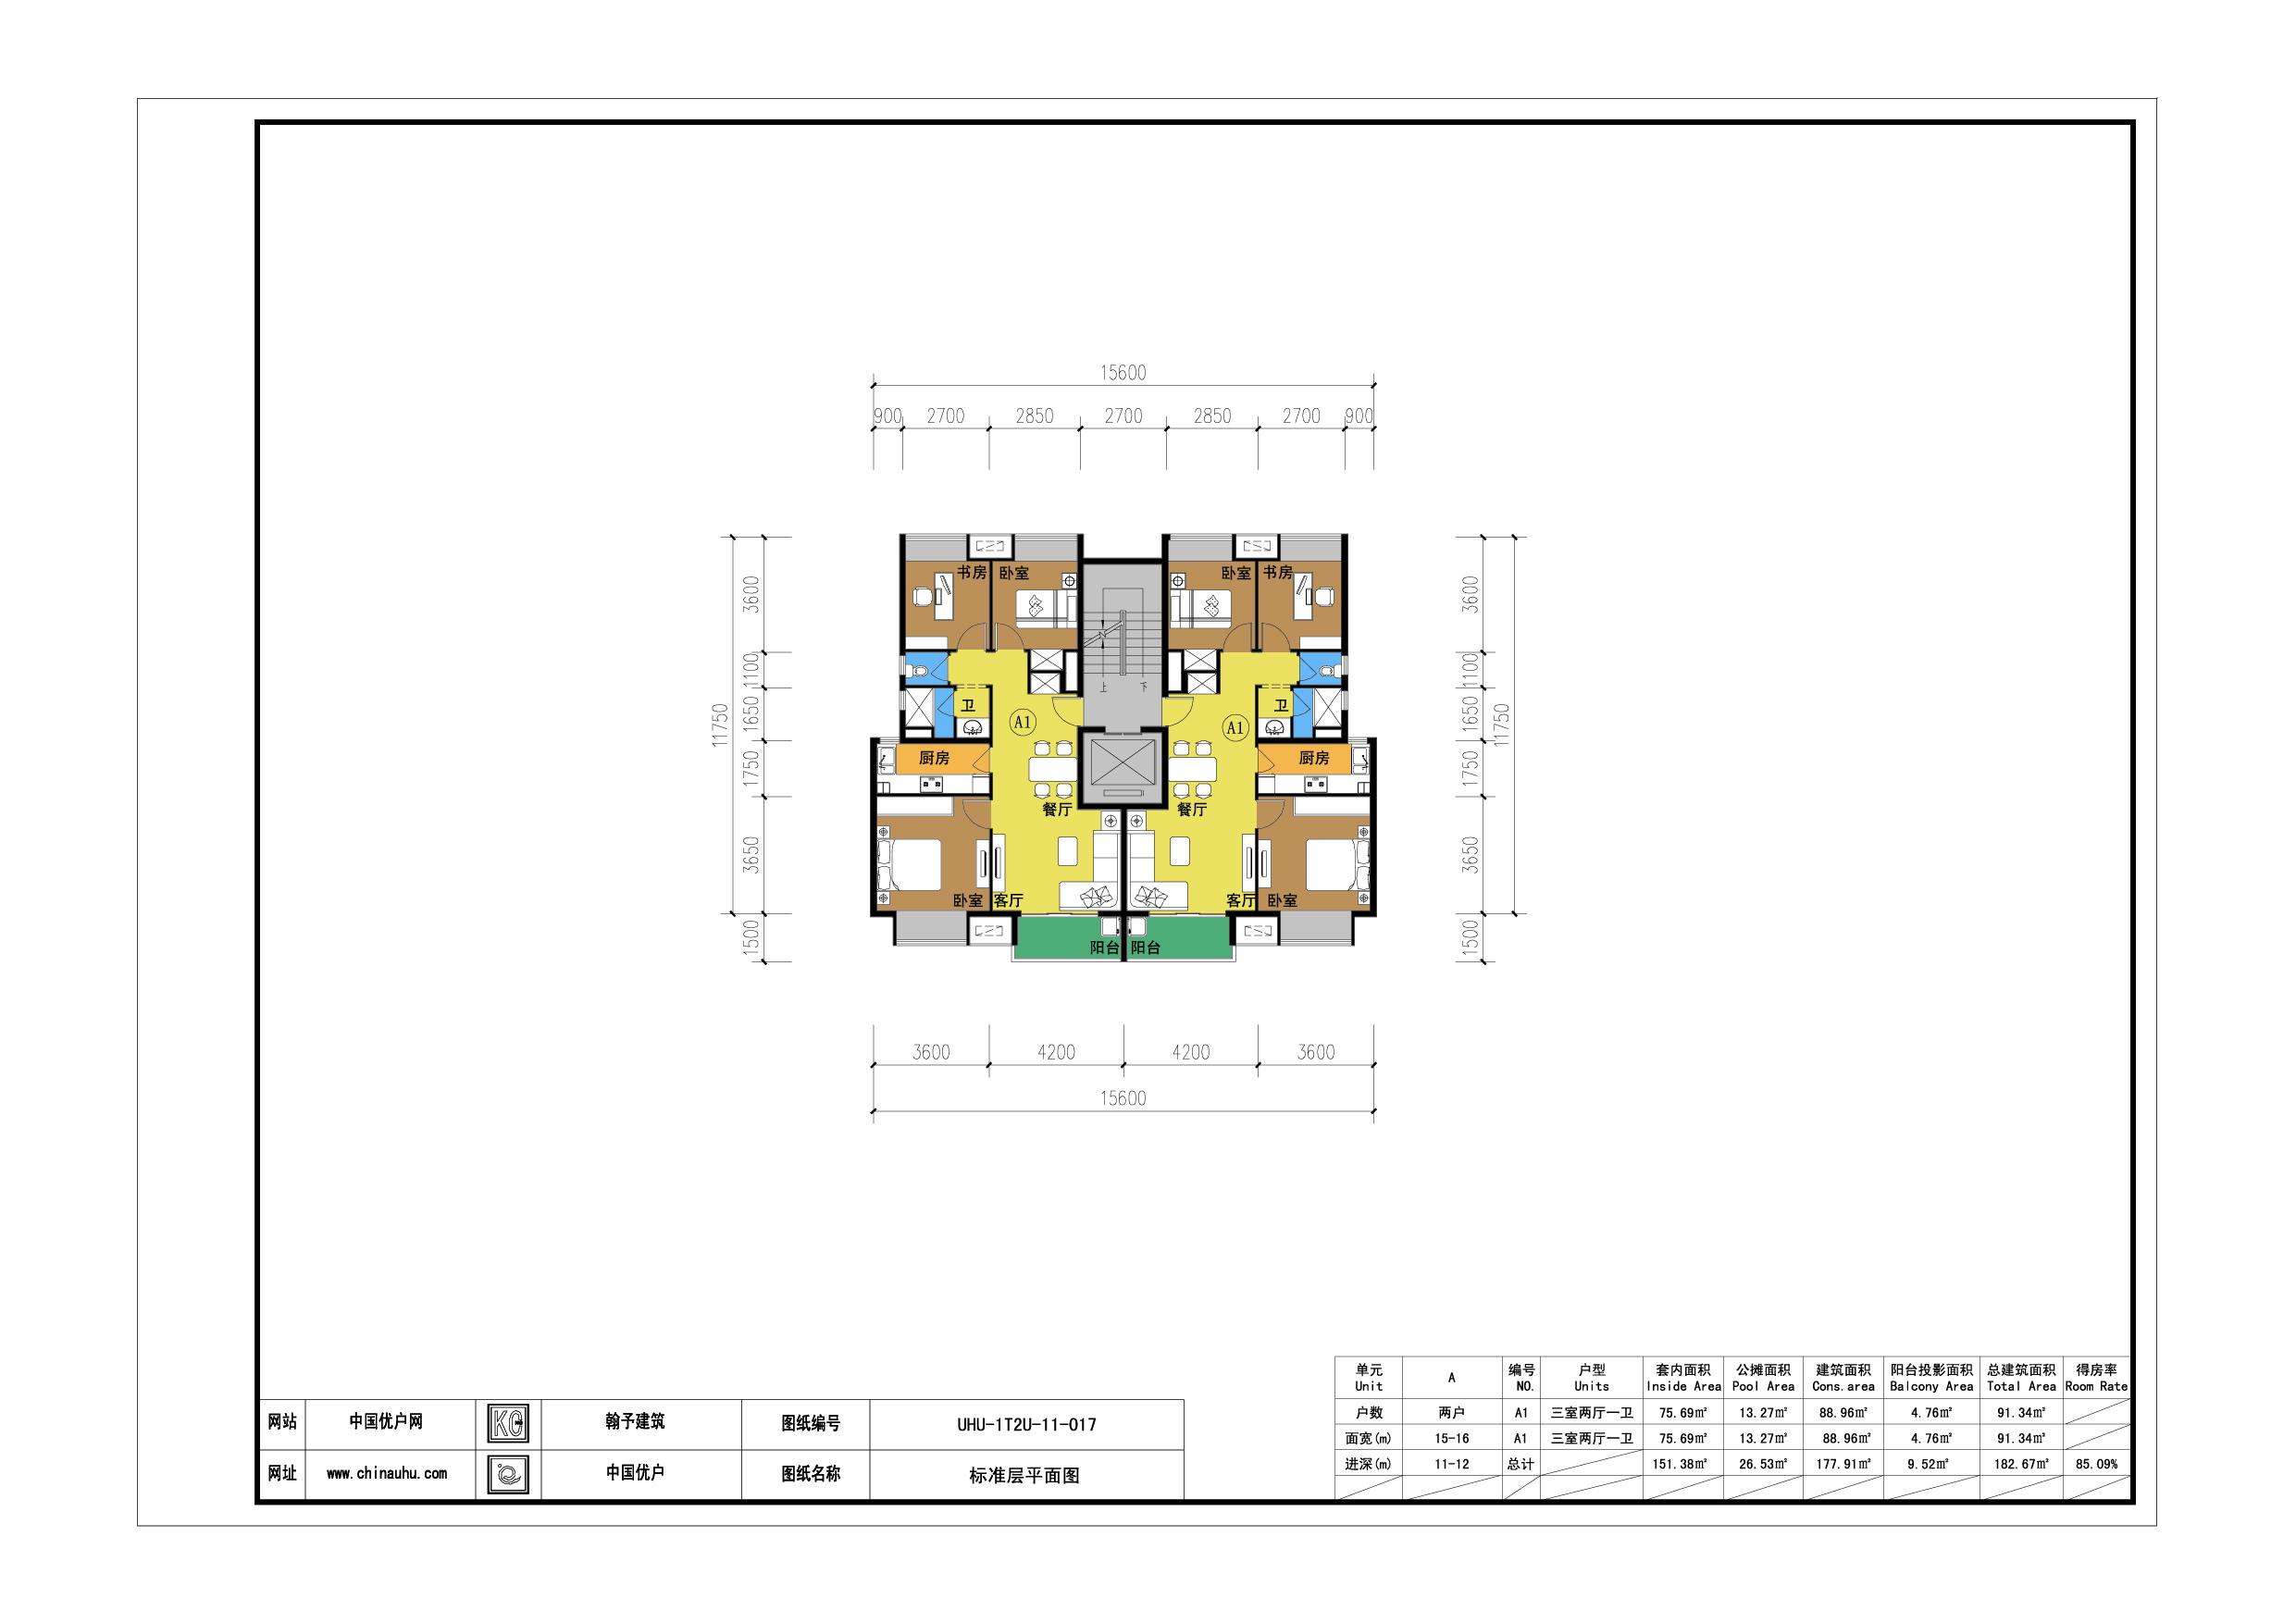 平房三室两厅房屋平面设计图展示